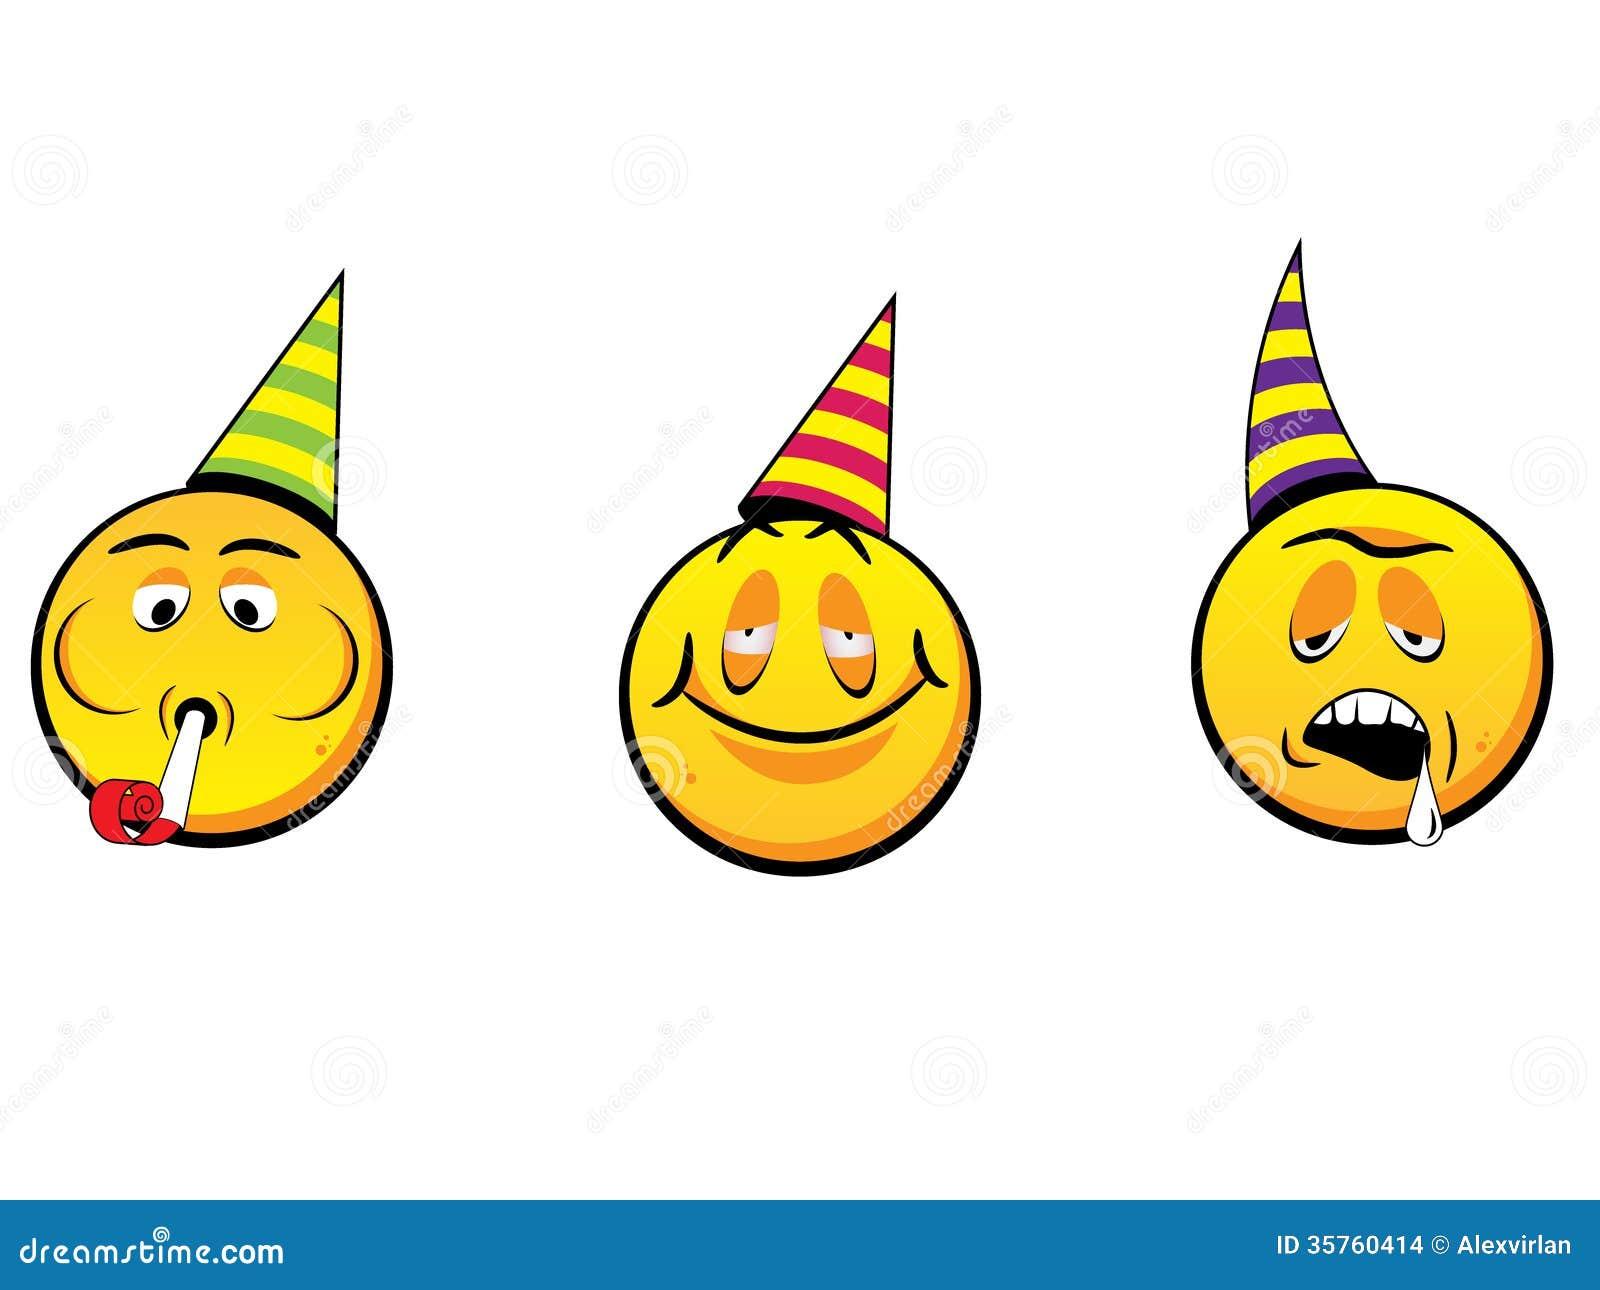 Party smiley faces Drunk Emoticon